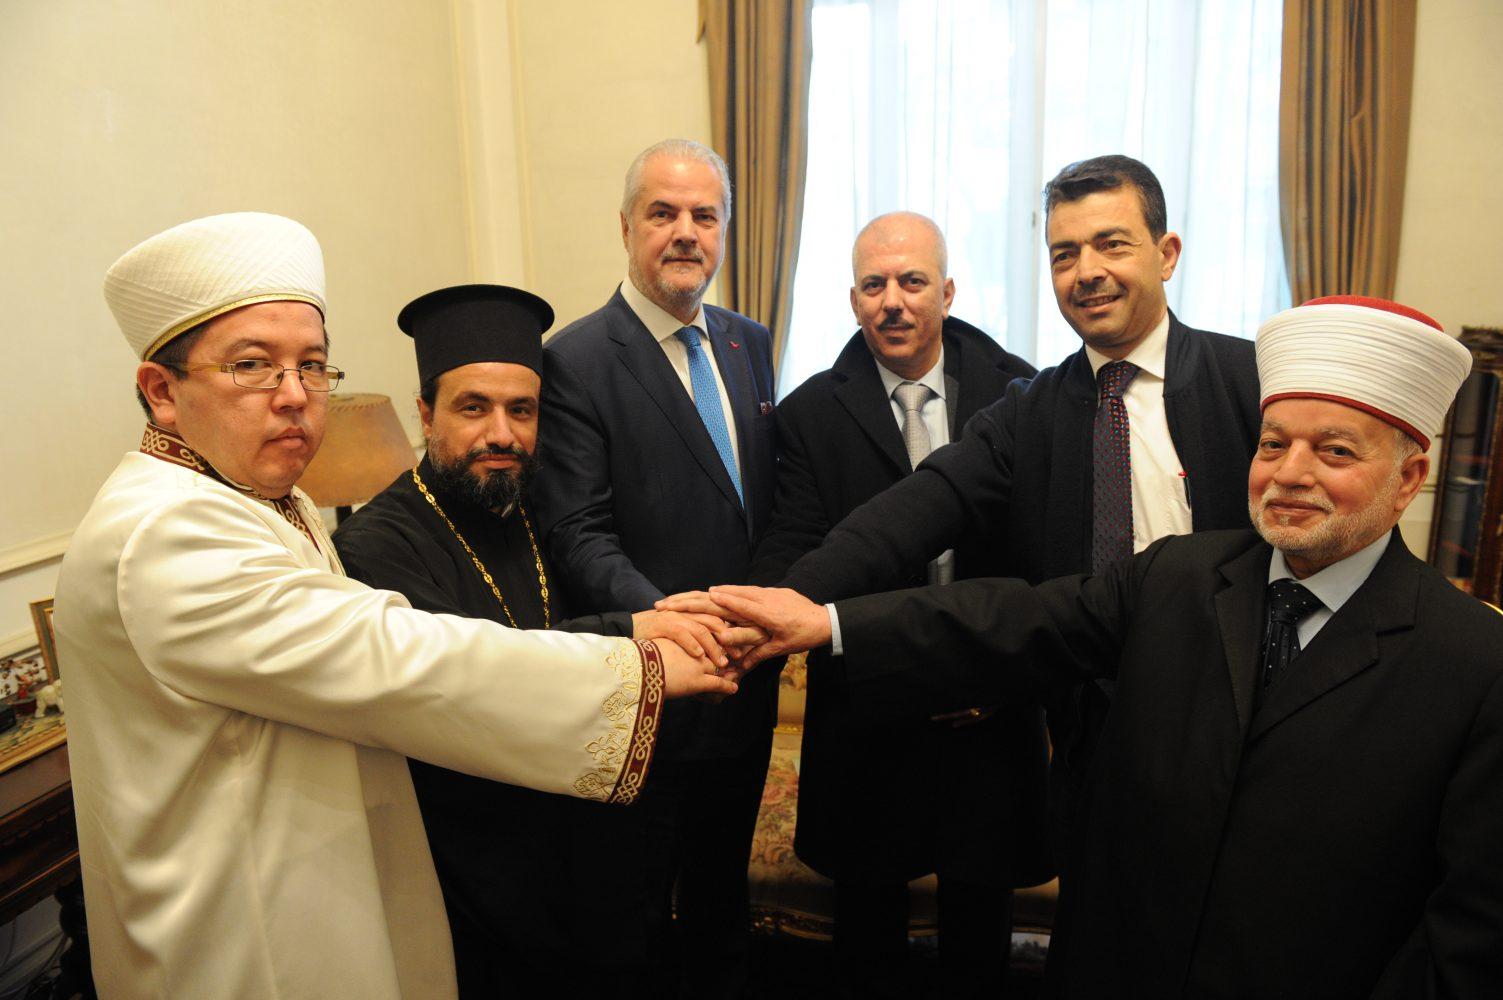 Interacțiune între religie și naționalism